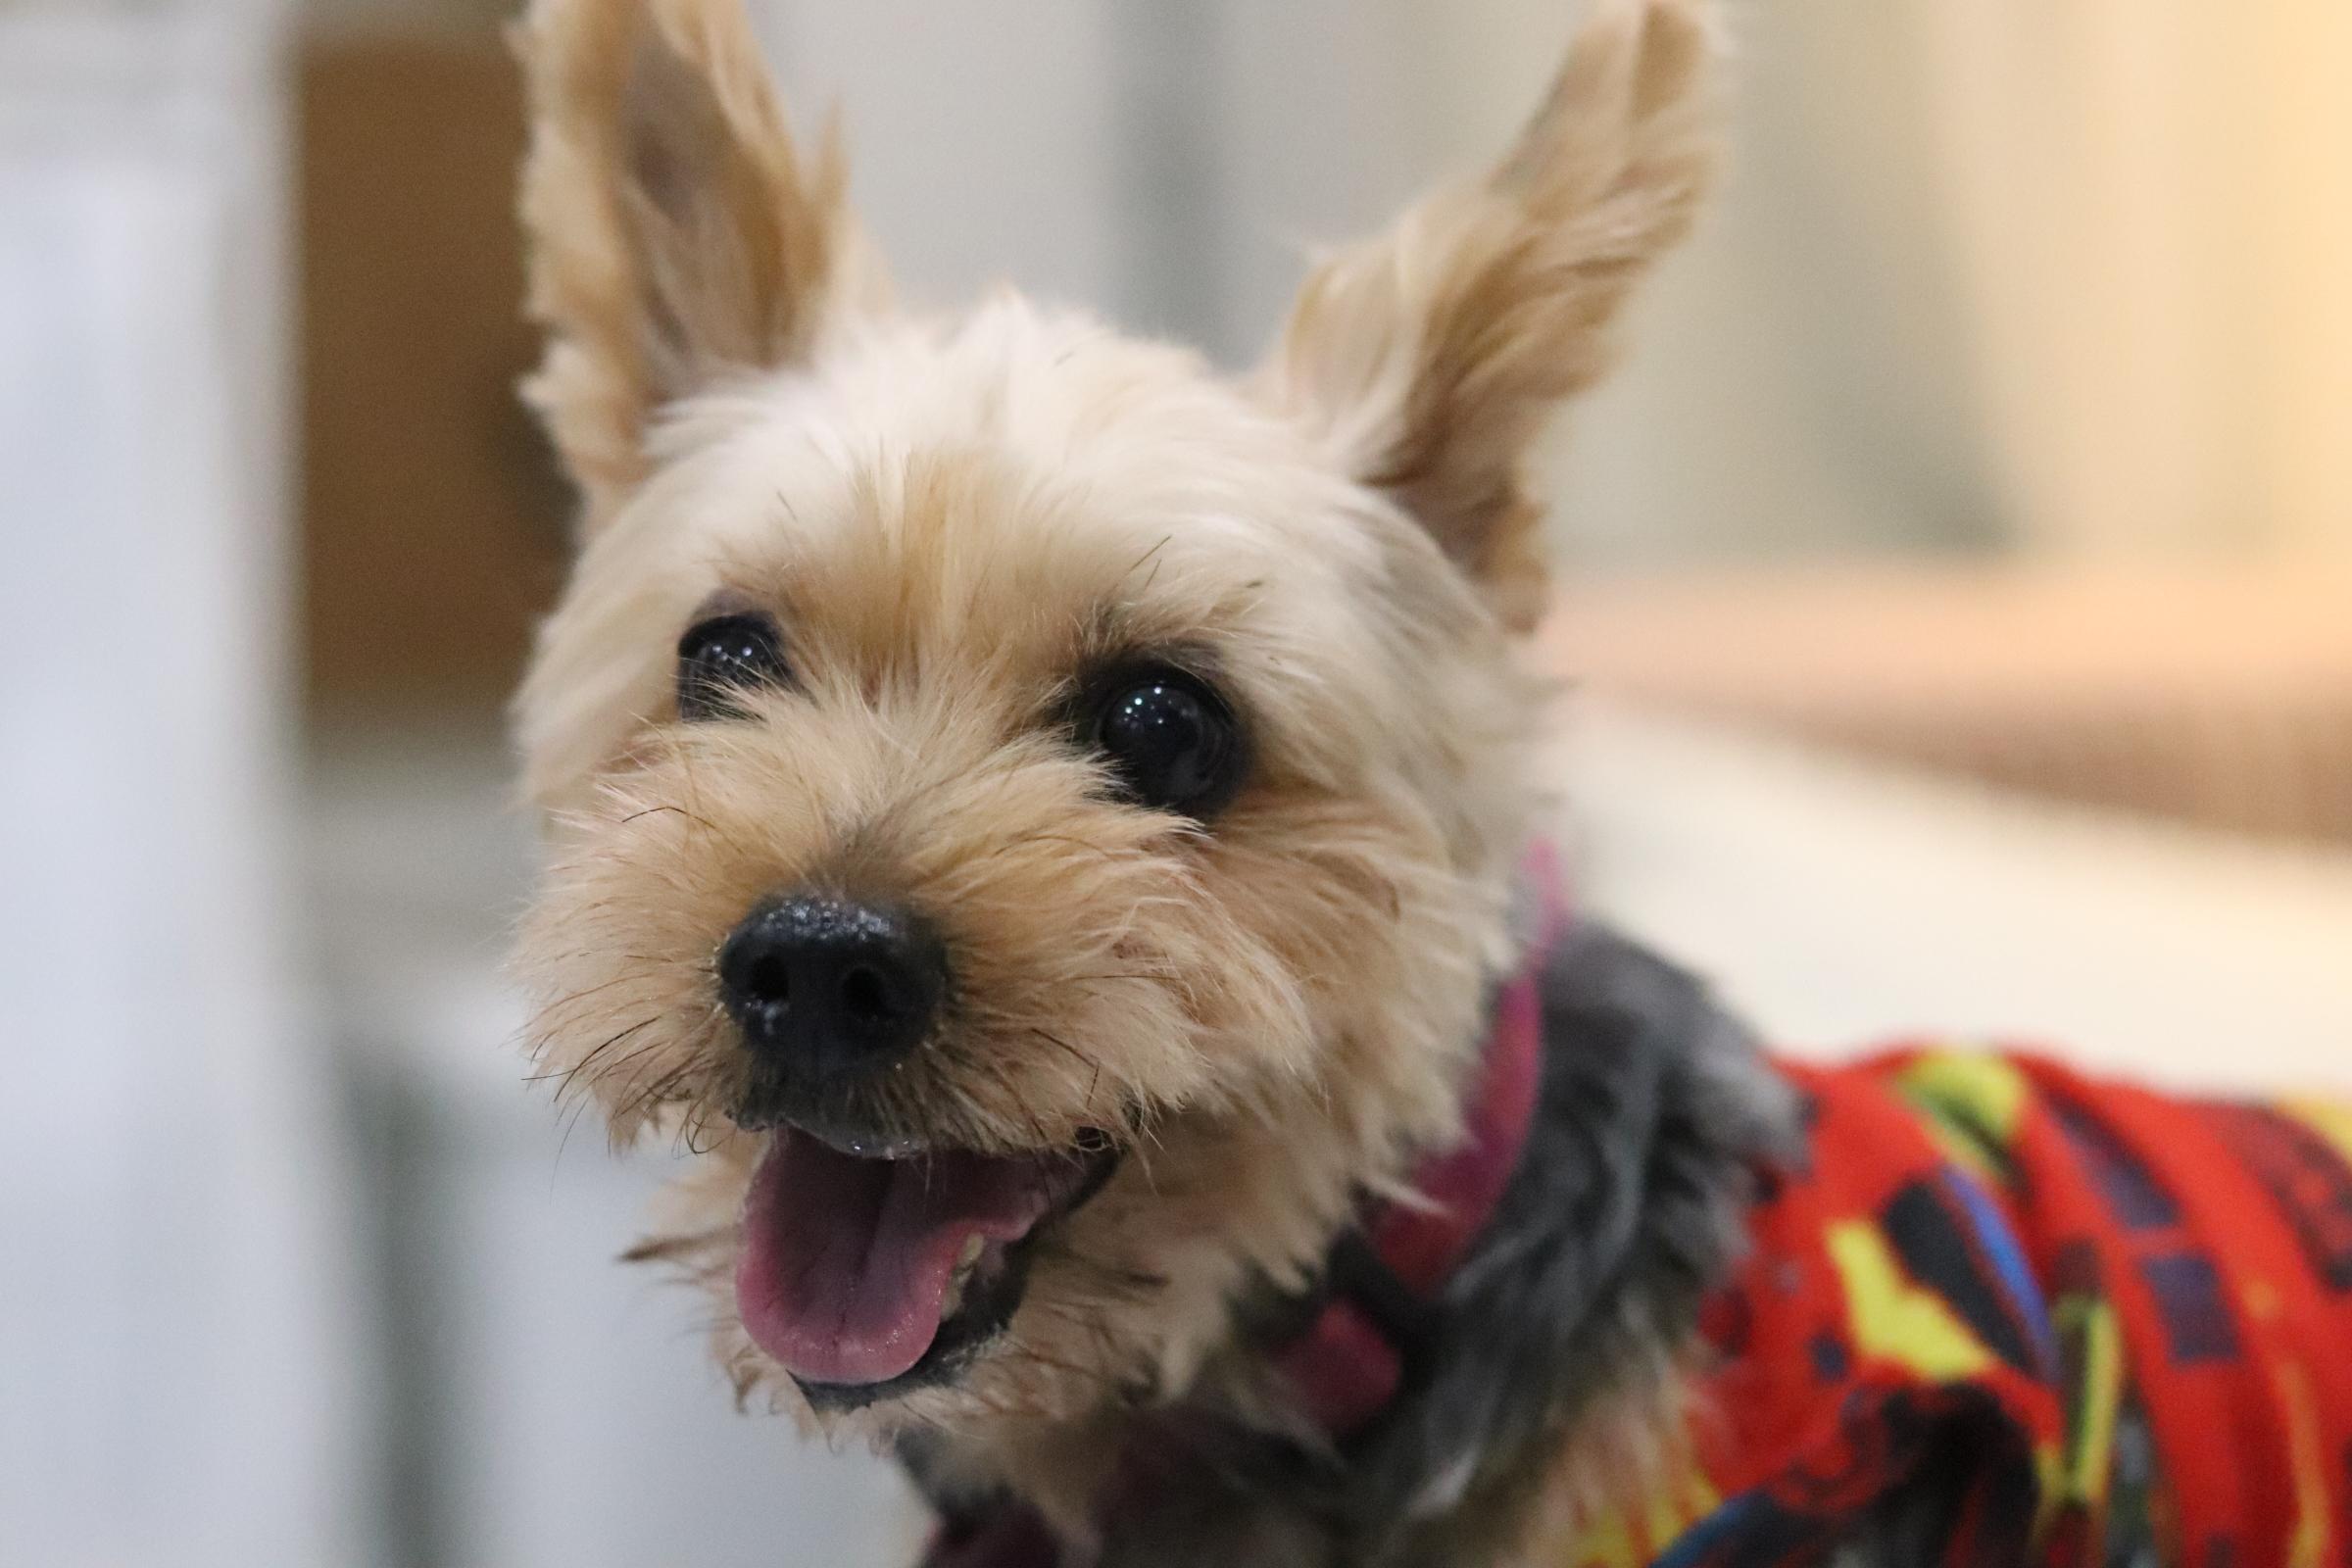 <ul> <li>犬種:ヨークシャテリア</li> <li>性別:女の子</li> <li>名前:マリ</li> <li>年齢:2007年位生まれ</li> <li>保護経緯:飼い主が亡くなられ飼育困難になりました</li> </ul>